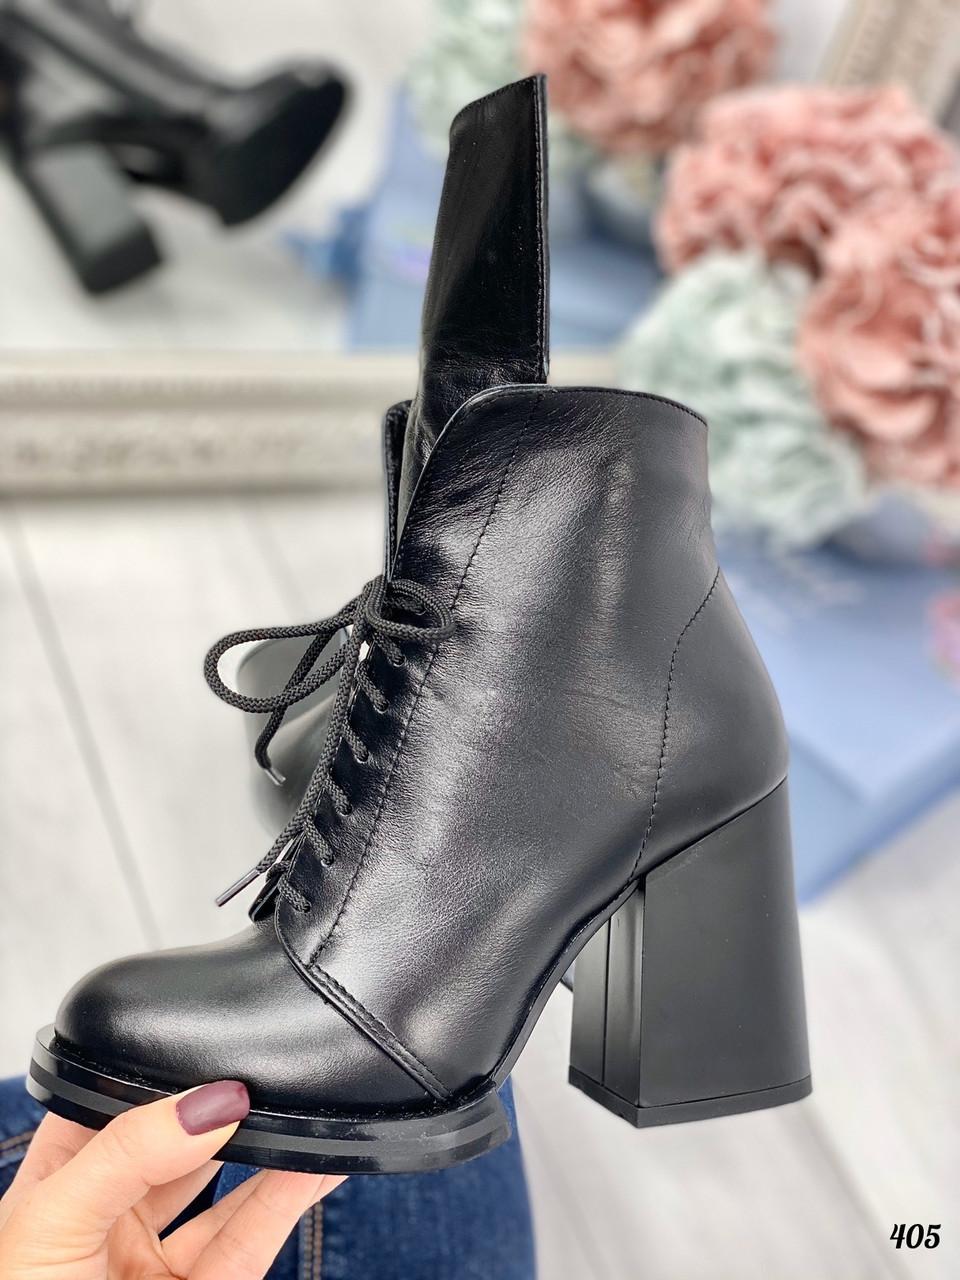 37 р. Ботинки женские зимние черные кожаные на высоком каблуке, из натуральной кожи, натуральная кожа